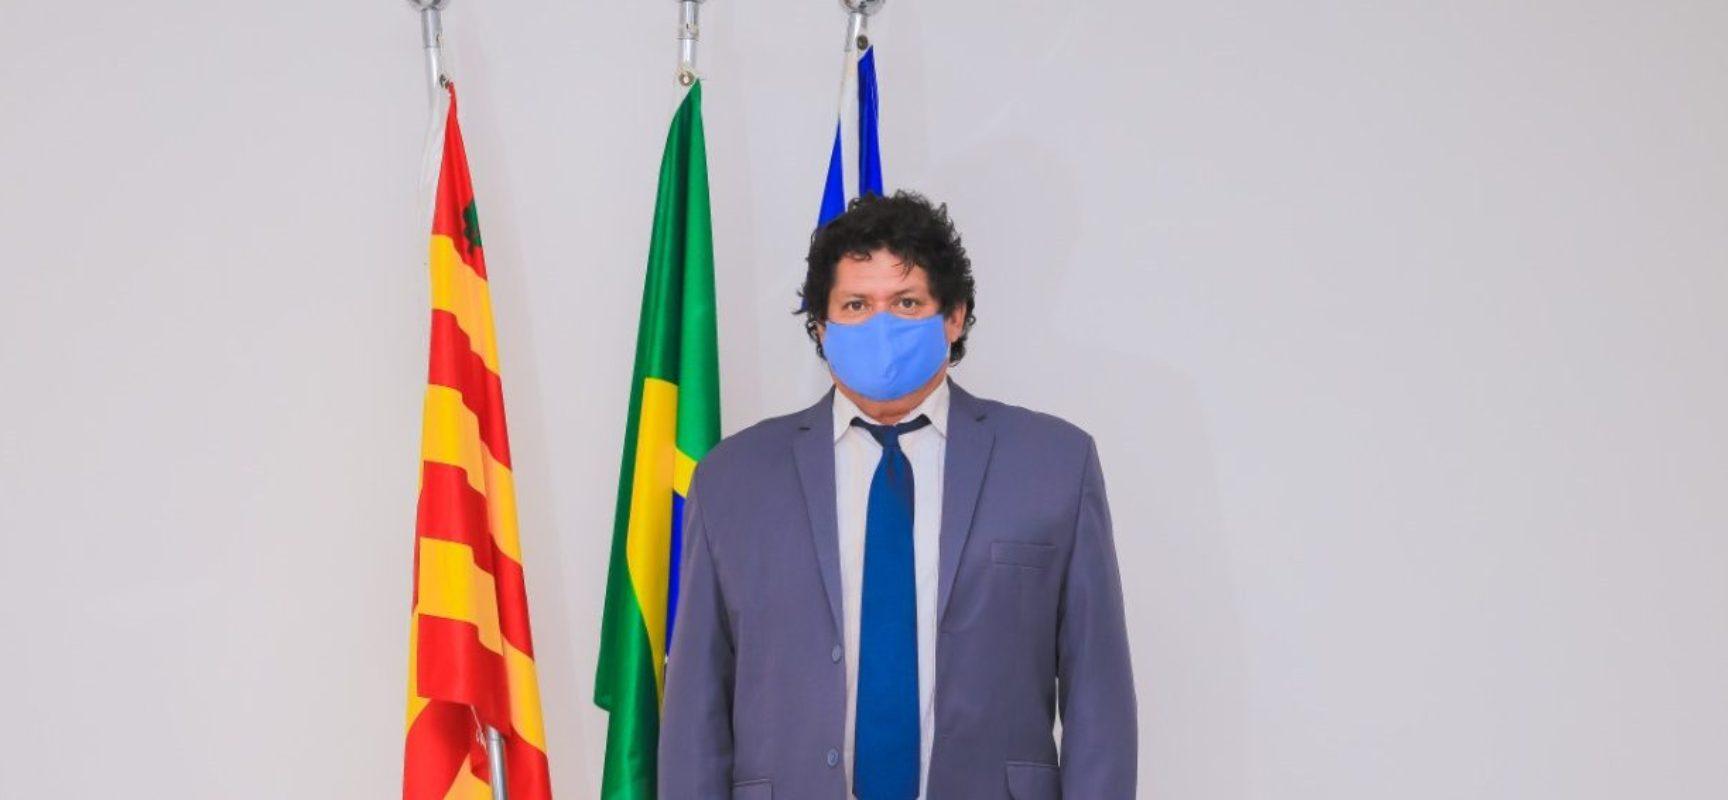 Vereador Edvaldo Gomes defende construção de estrada de integração do Bco. da Vitória, DII e rodovia Ilhéus-Itacaré